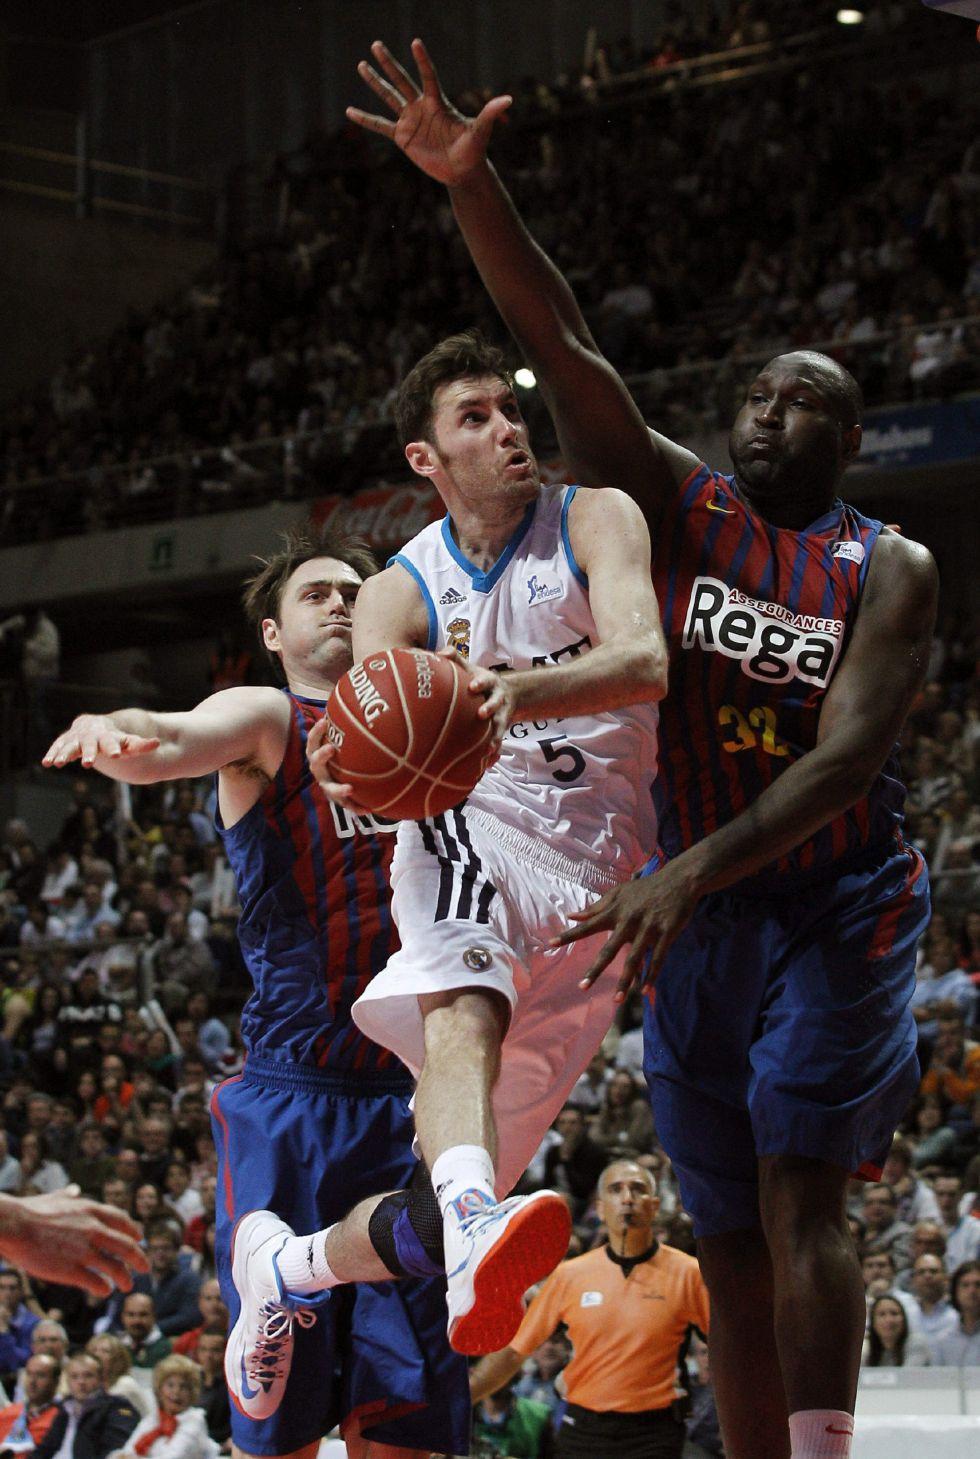 Basket. Rivalidad FC Barcelona-Real Madrid. Década 2010. Capítulo 3. Por Roberto González Rico.